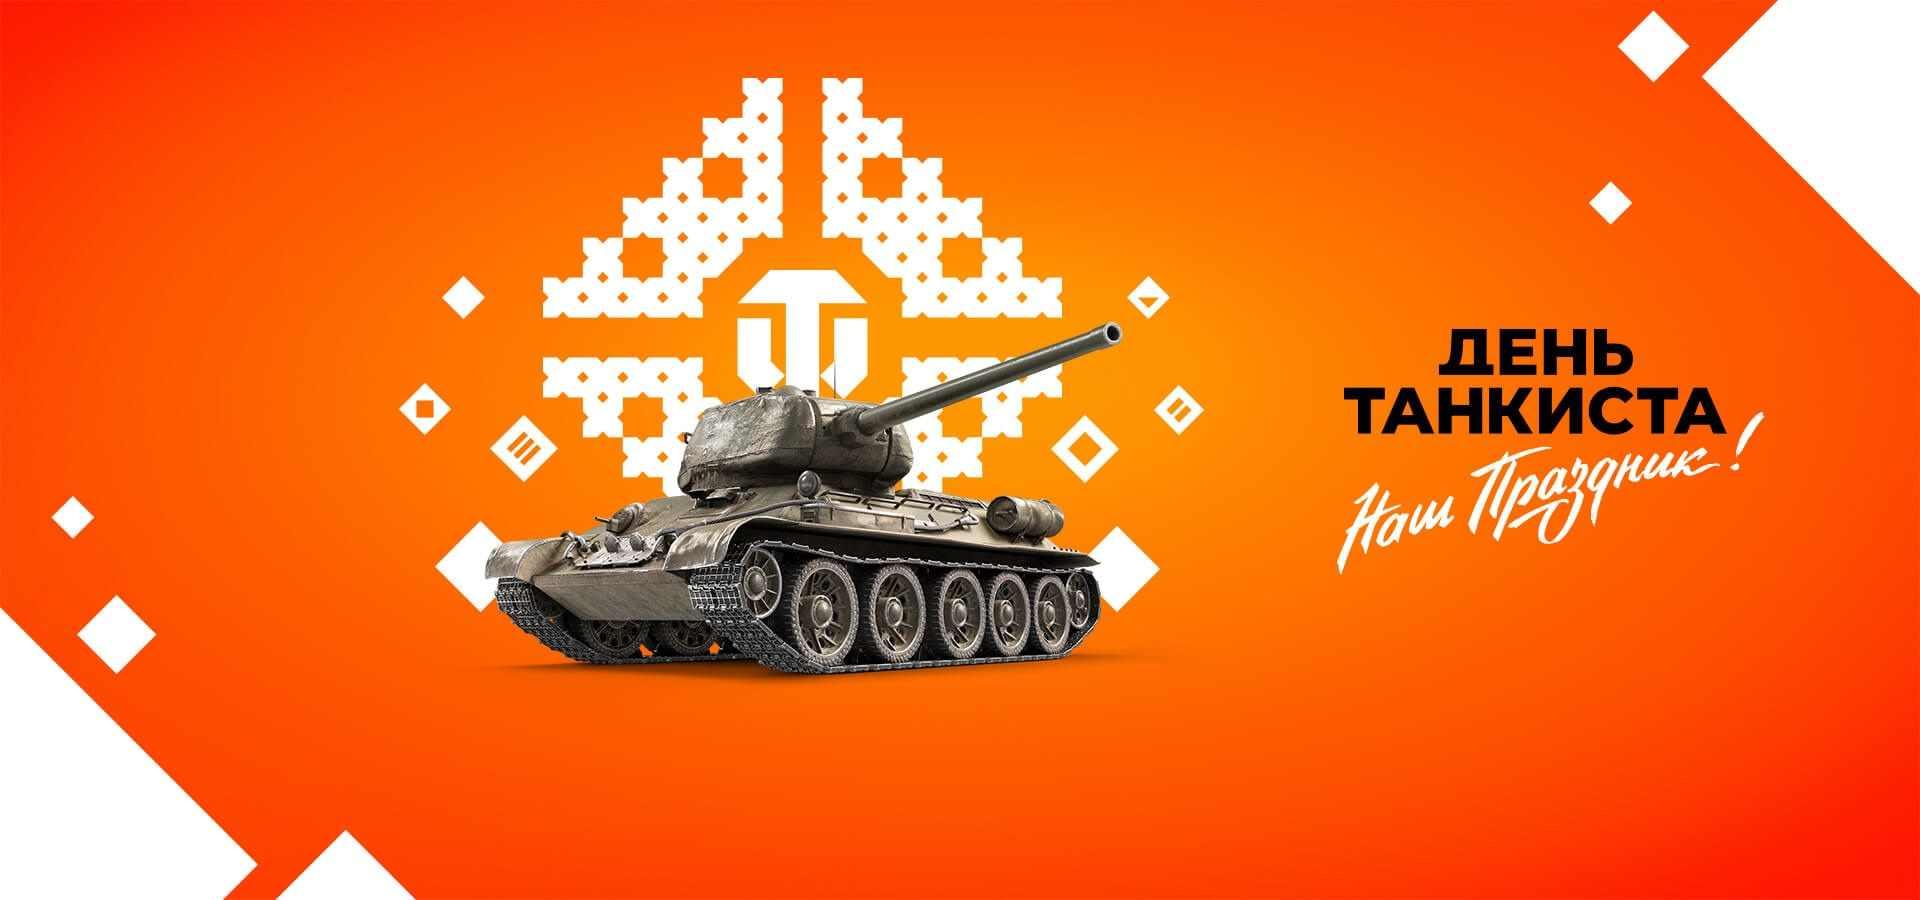 tanker's day